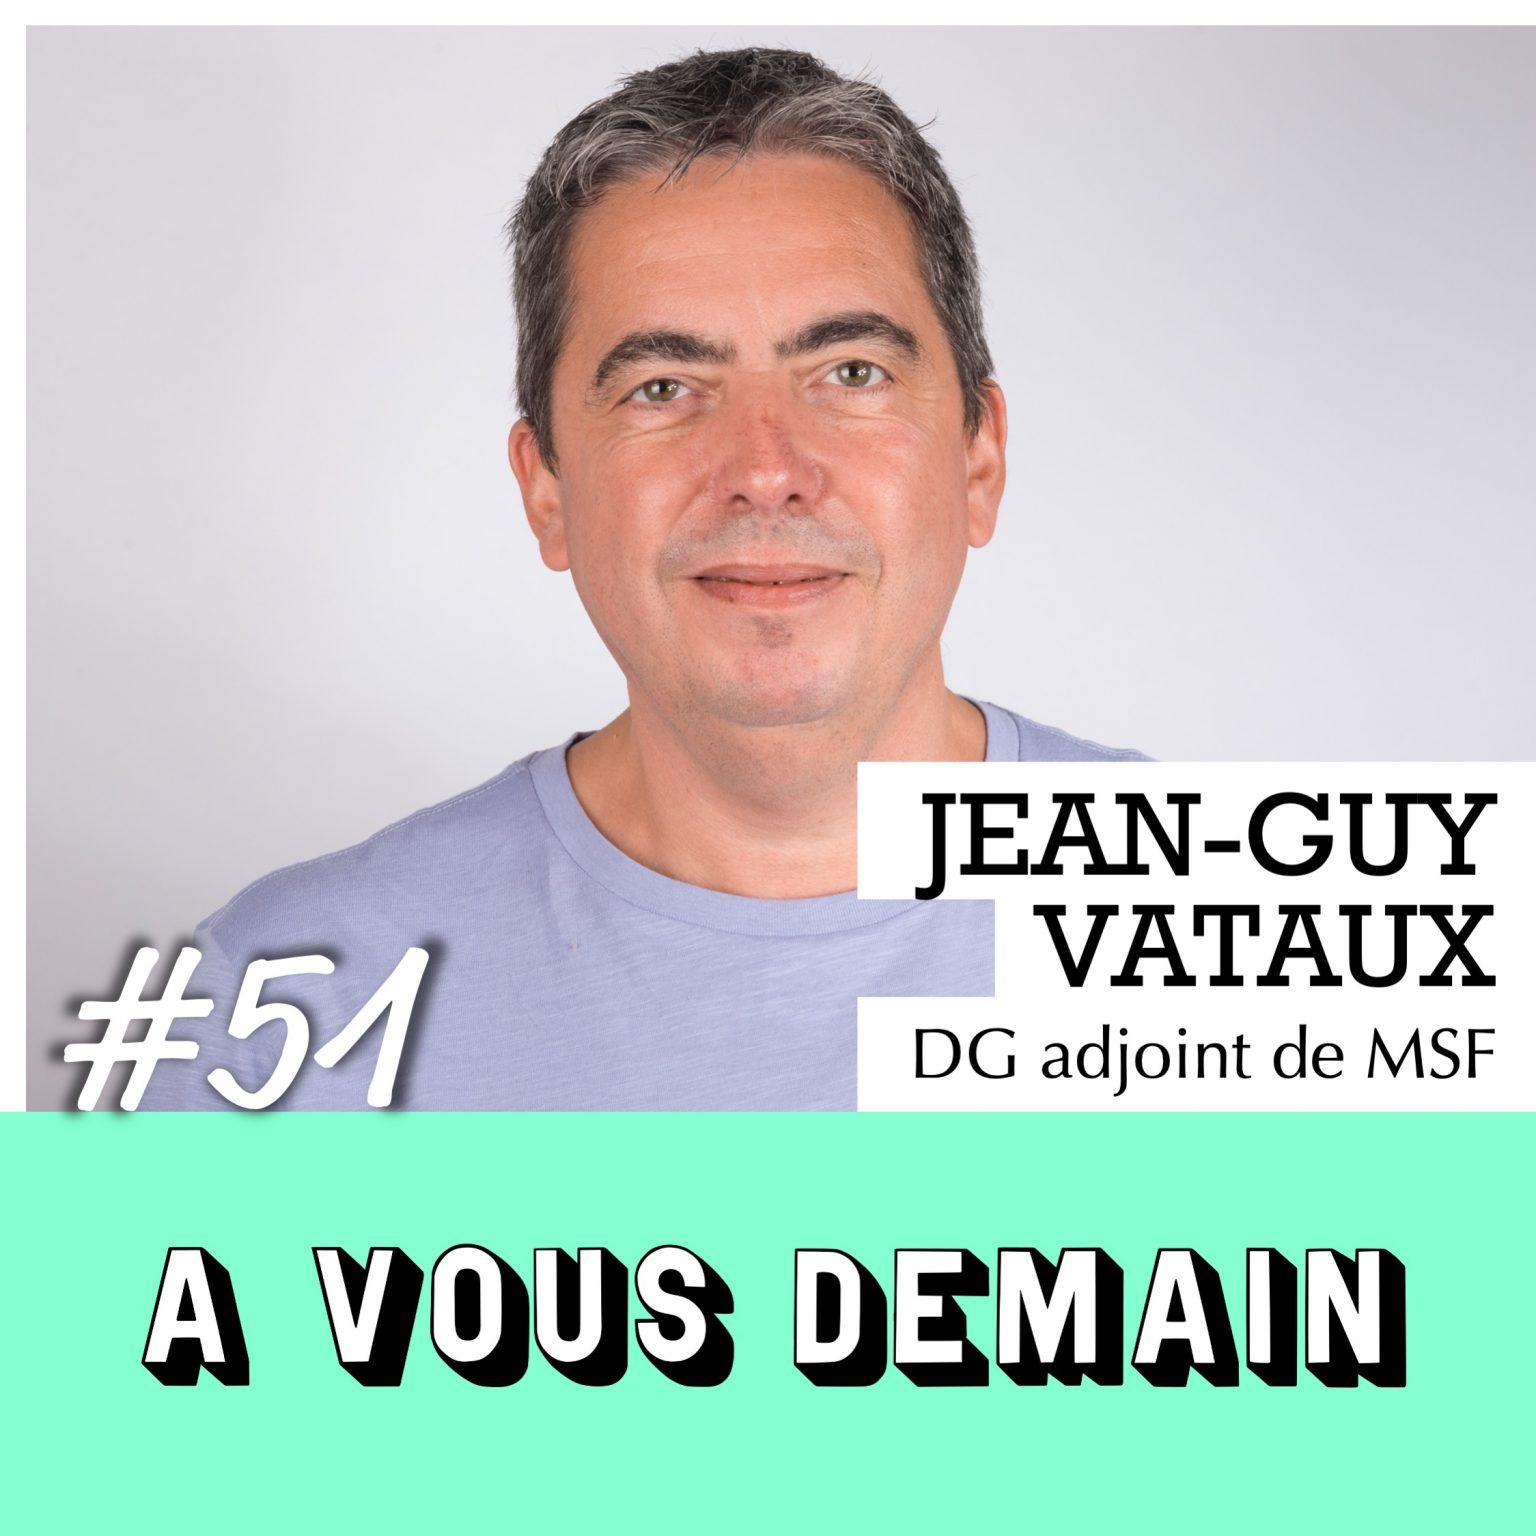 Jean Guy Vataux de Médecins Sans Frontières sur le podcast A Vous Demain